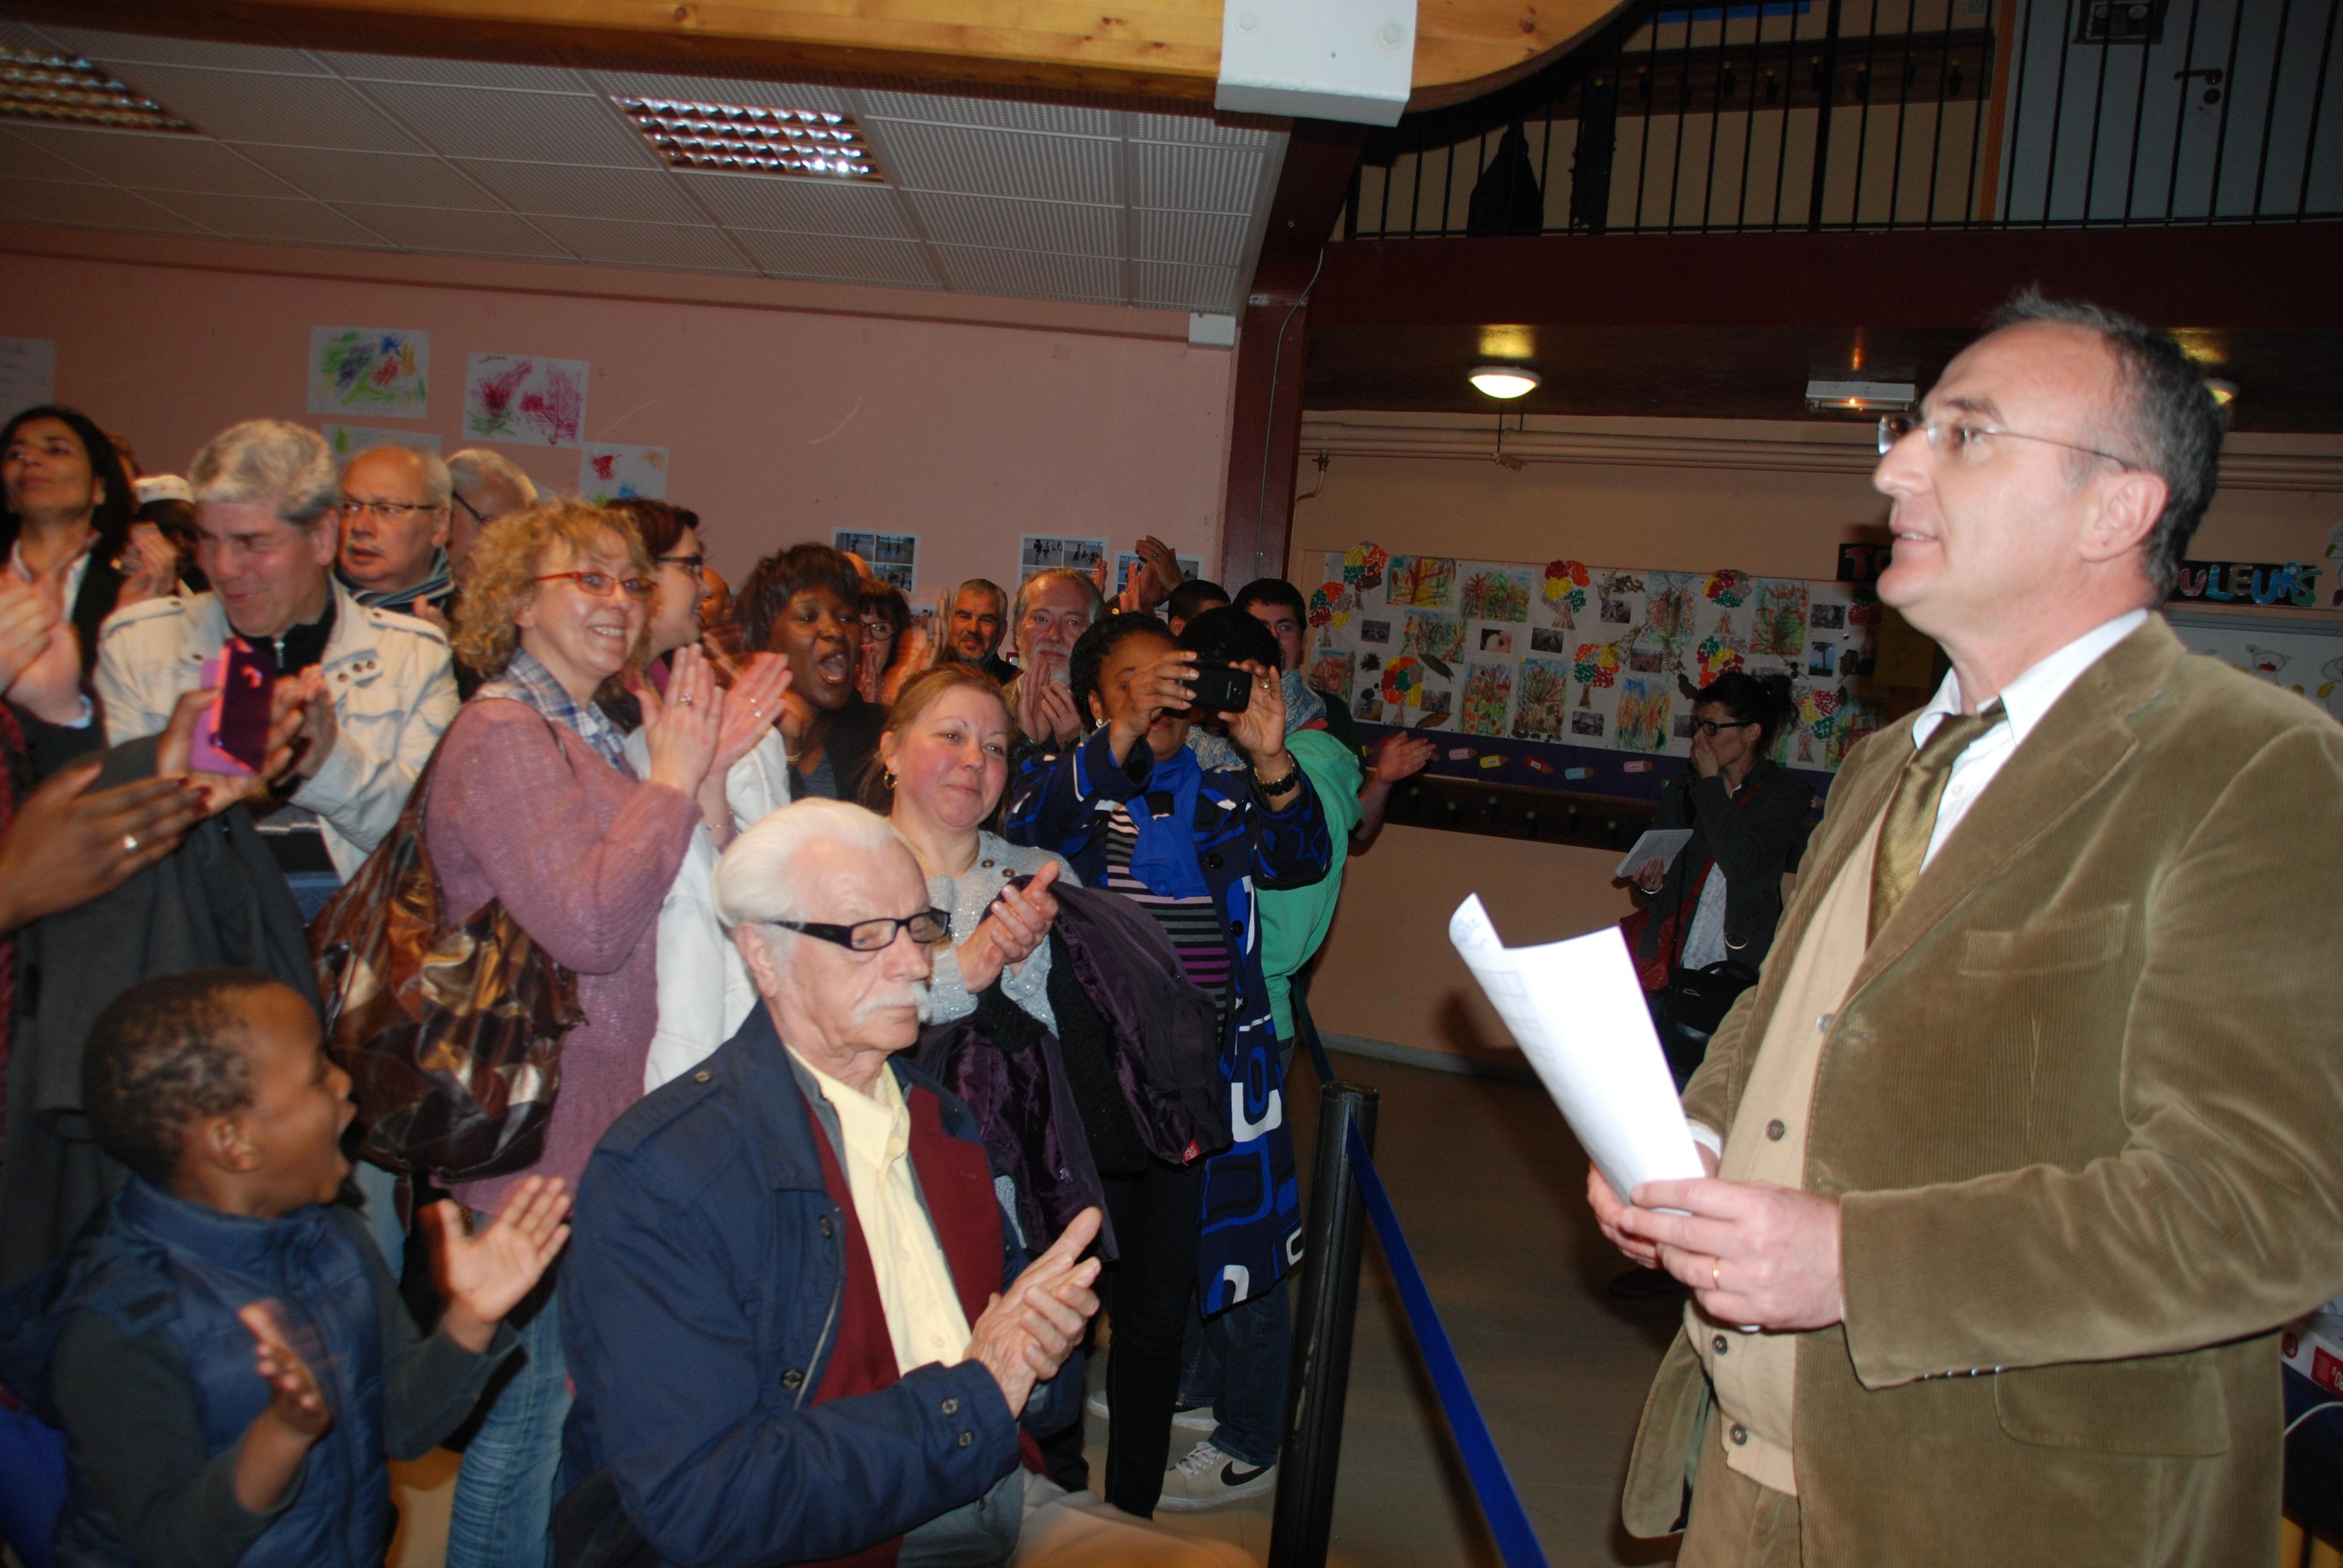 Les résultats des Municipales 2014 sont tombés, Marc-Antoine Jamet est réélu avec plus de 65% des voix